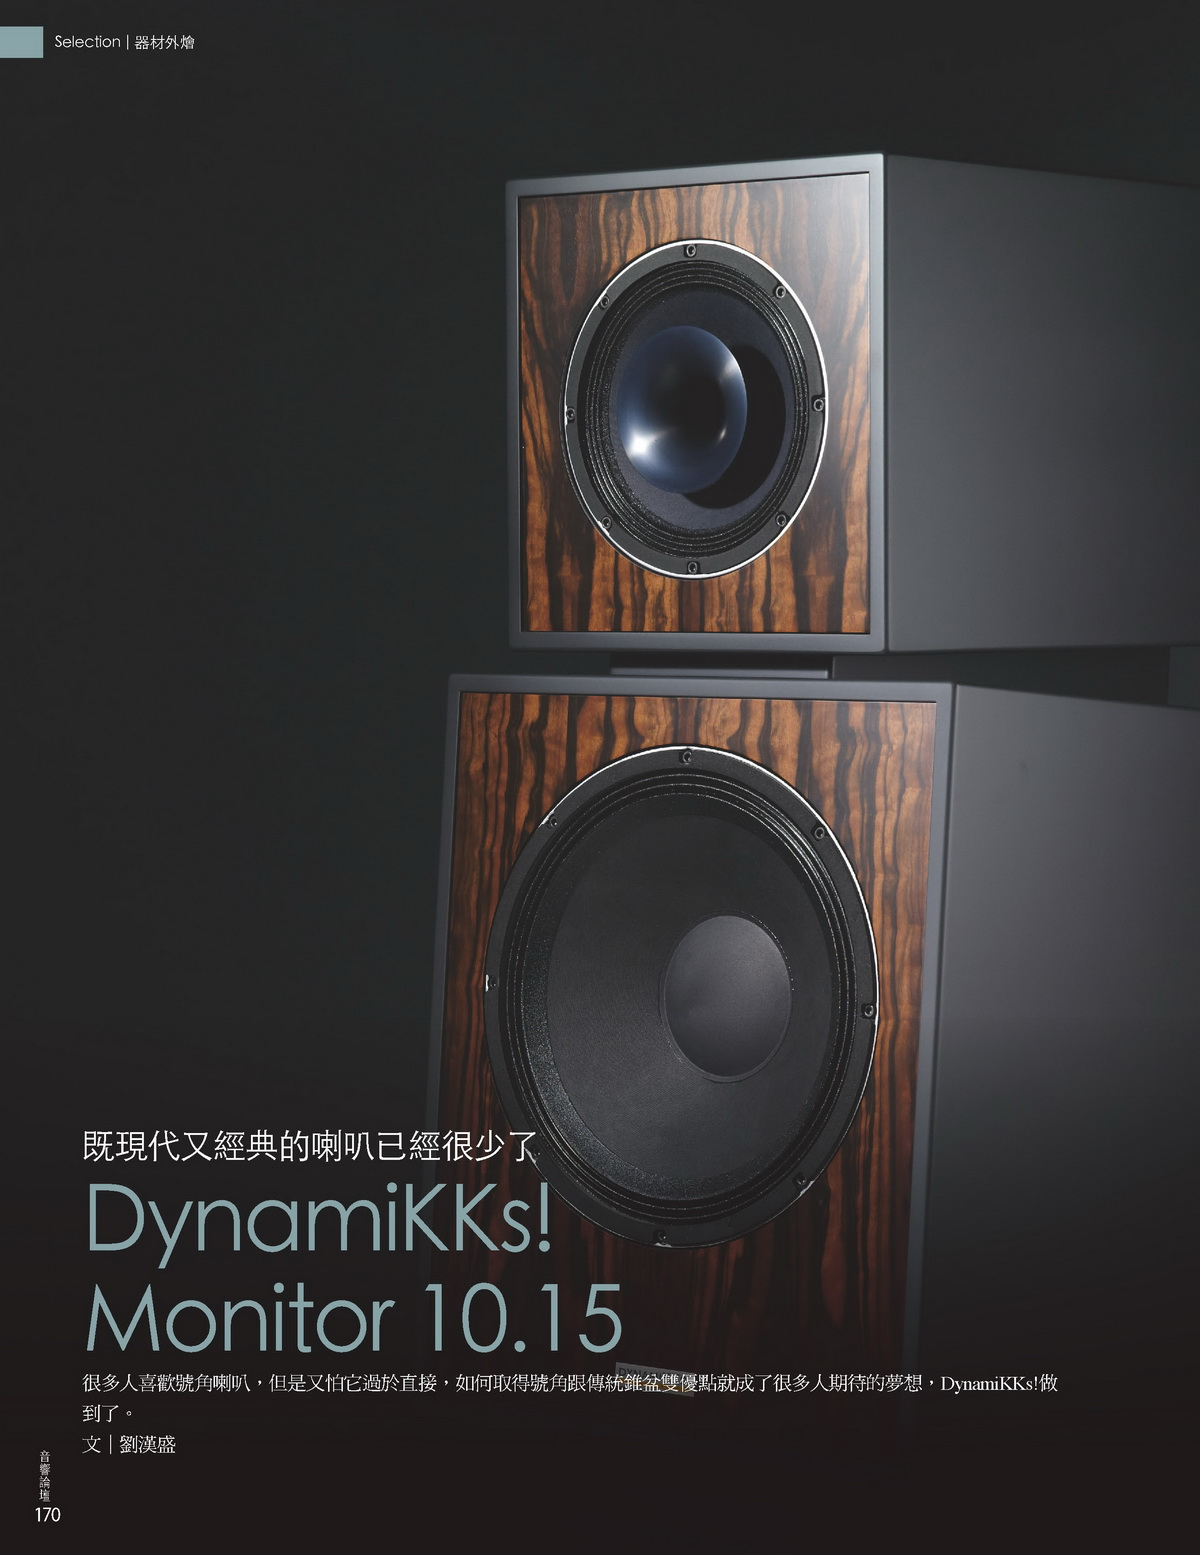 dynamikks-monitor-10-15_%e9%a0%81%e9%9d%a2_1